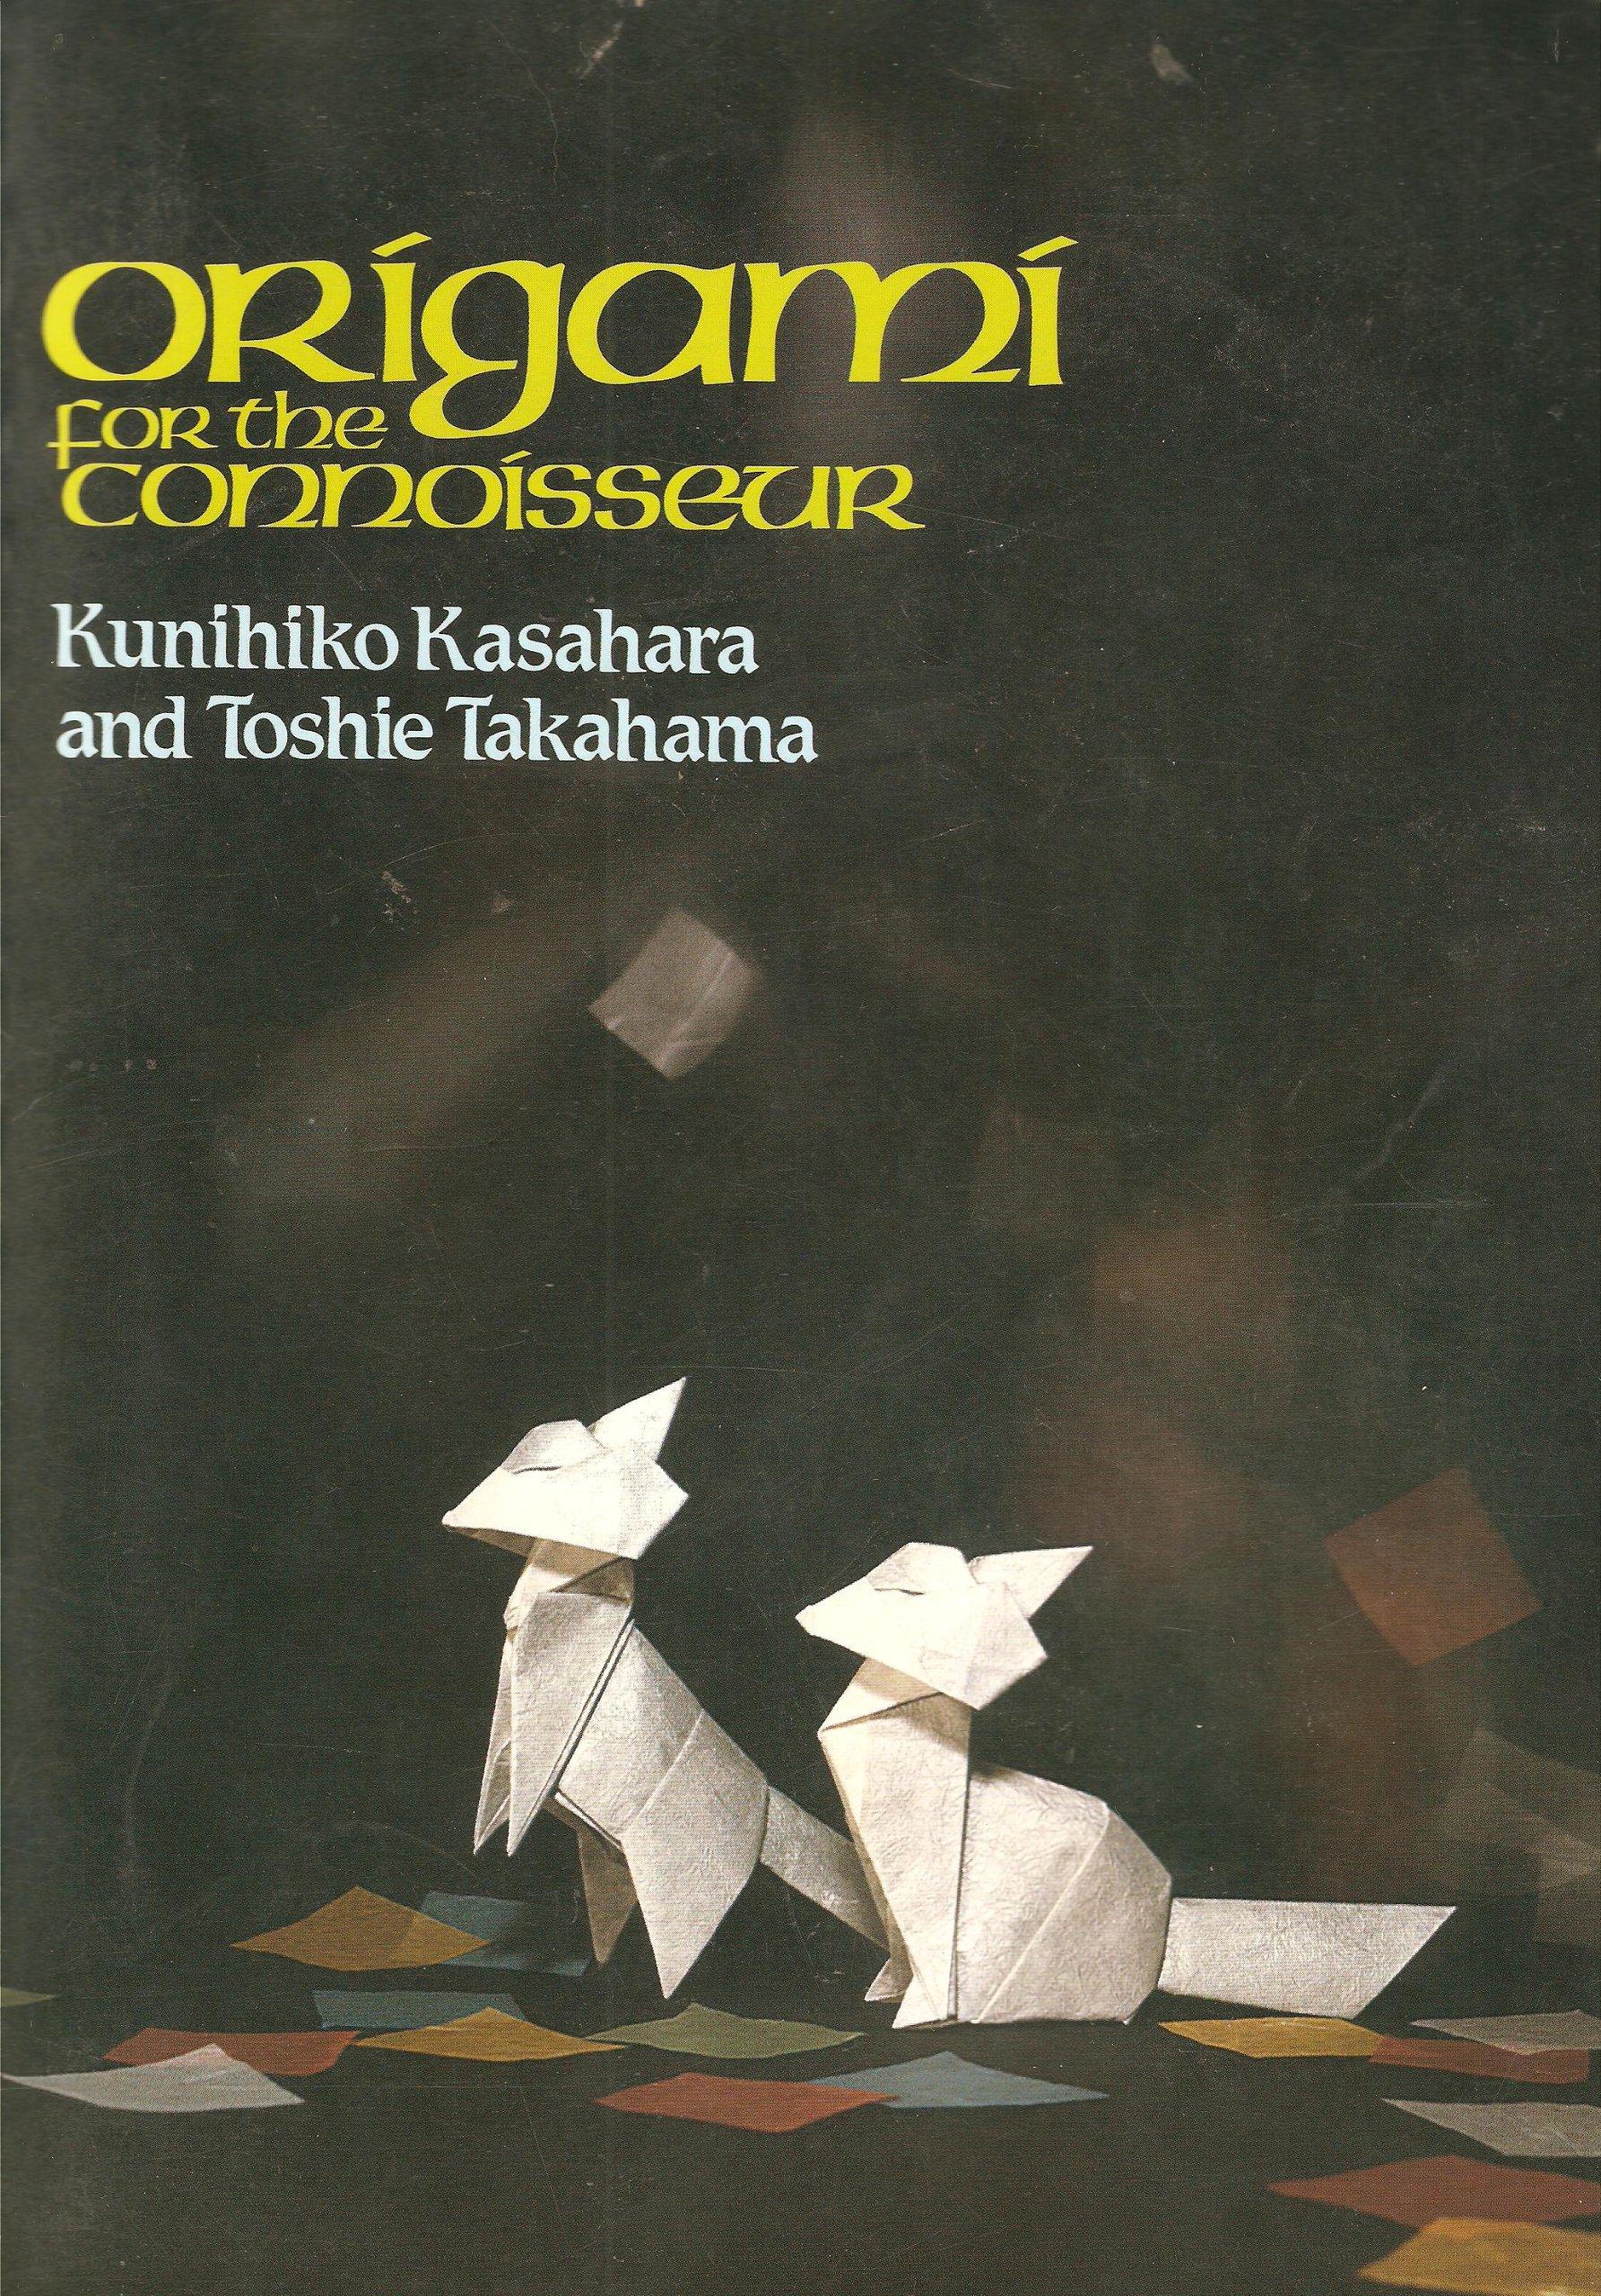 Kawasaki Rose Designed By Kawasaki You Can Download The Diagram